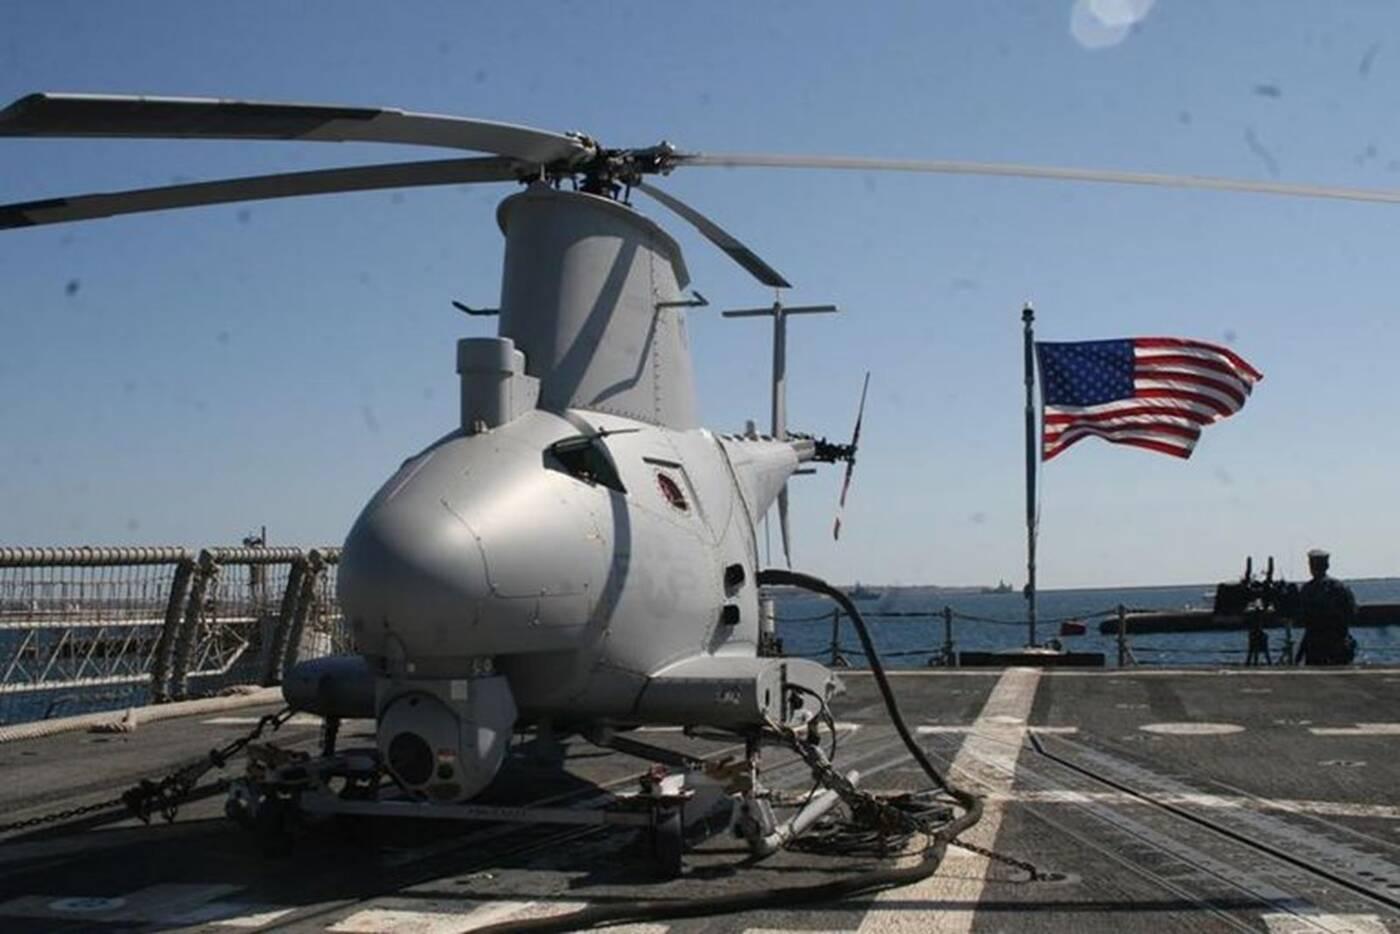 Nadchodzi arcyważny test kontroli bezzałogowych sprzętów wojskowych USA